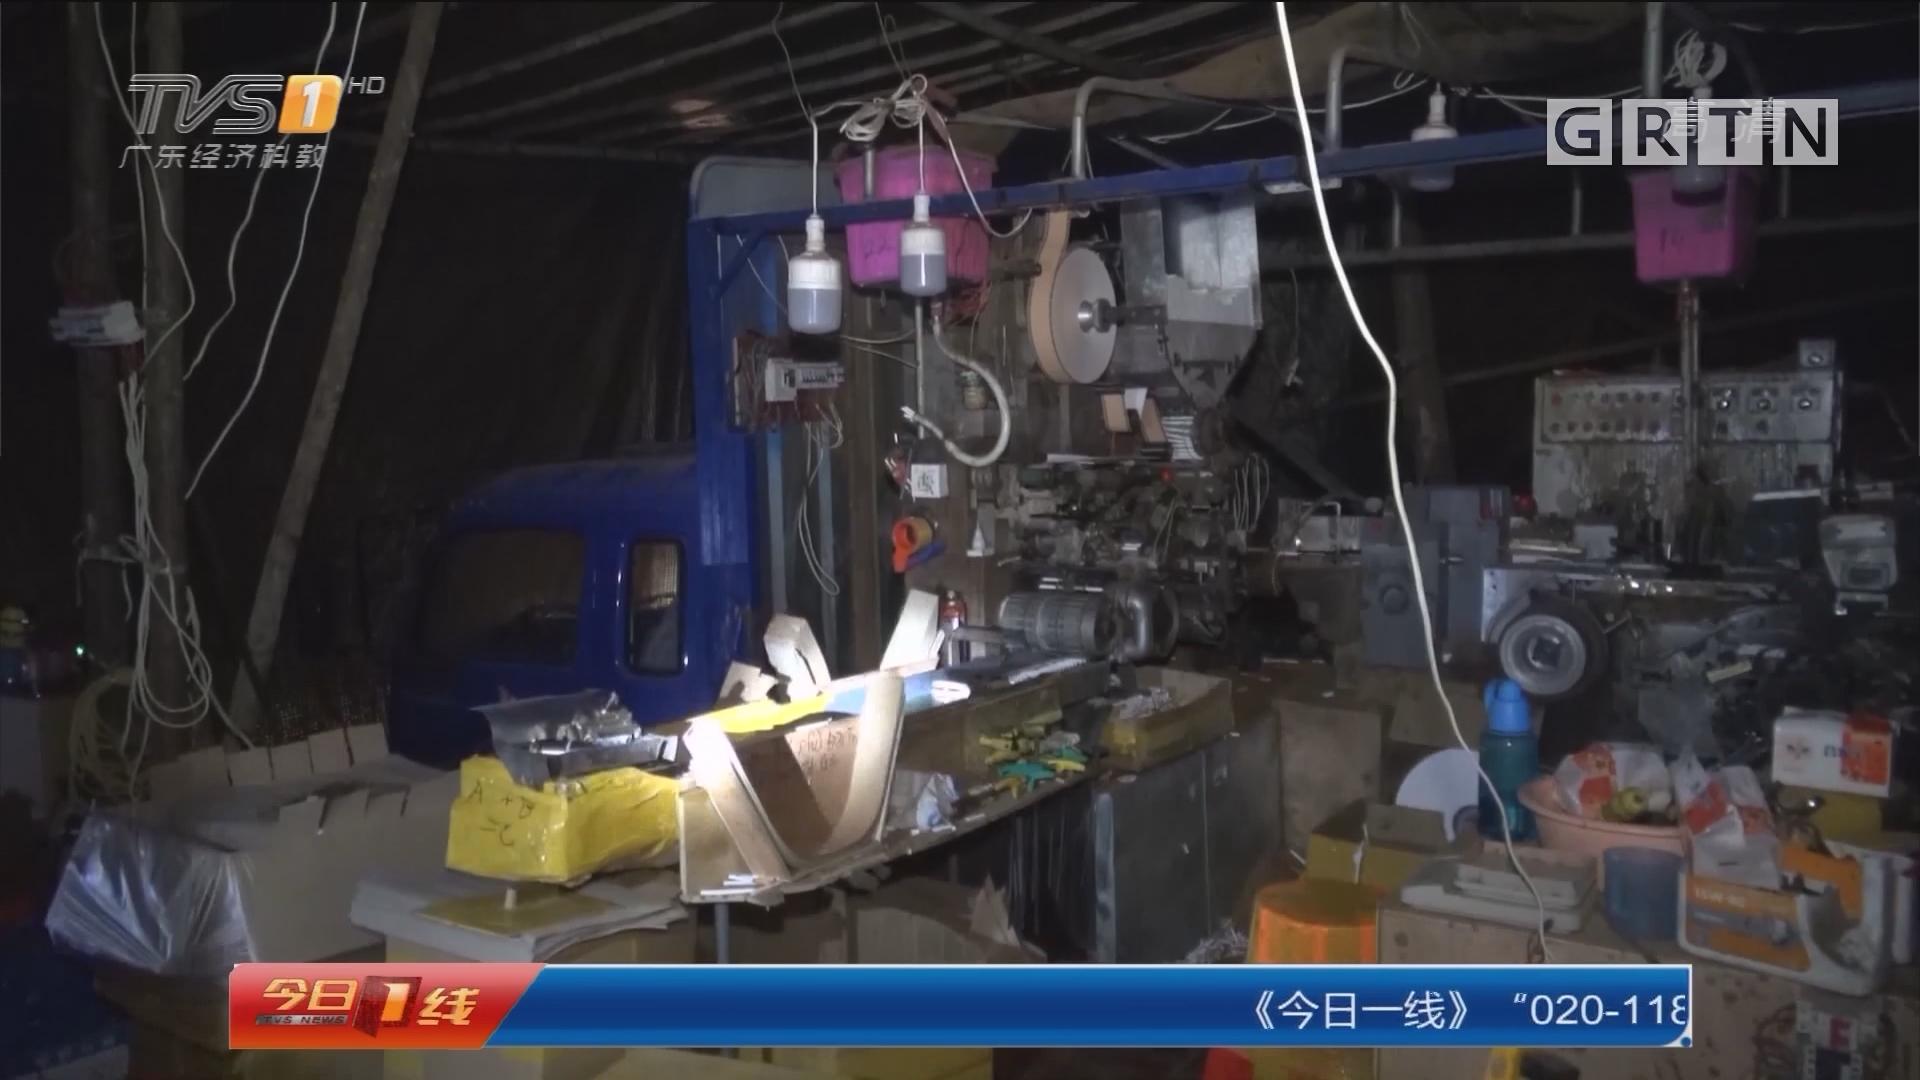 梅州:山中藏假烟窝点 民警突袭查处